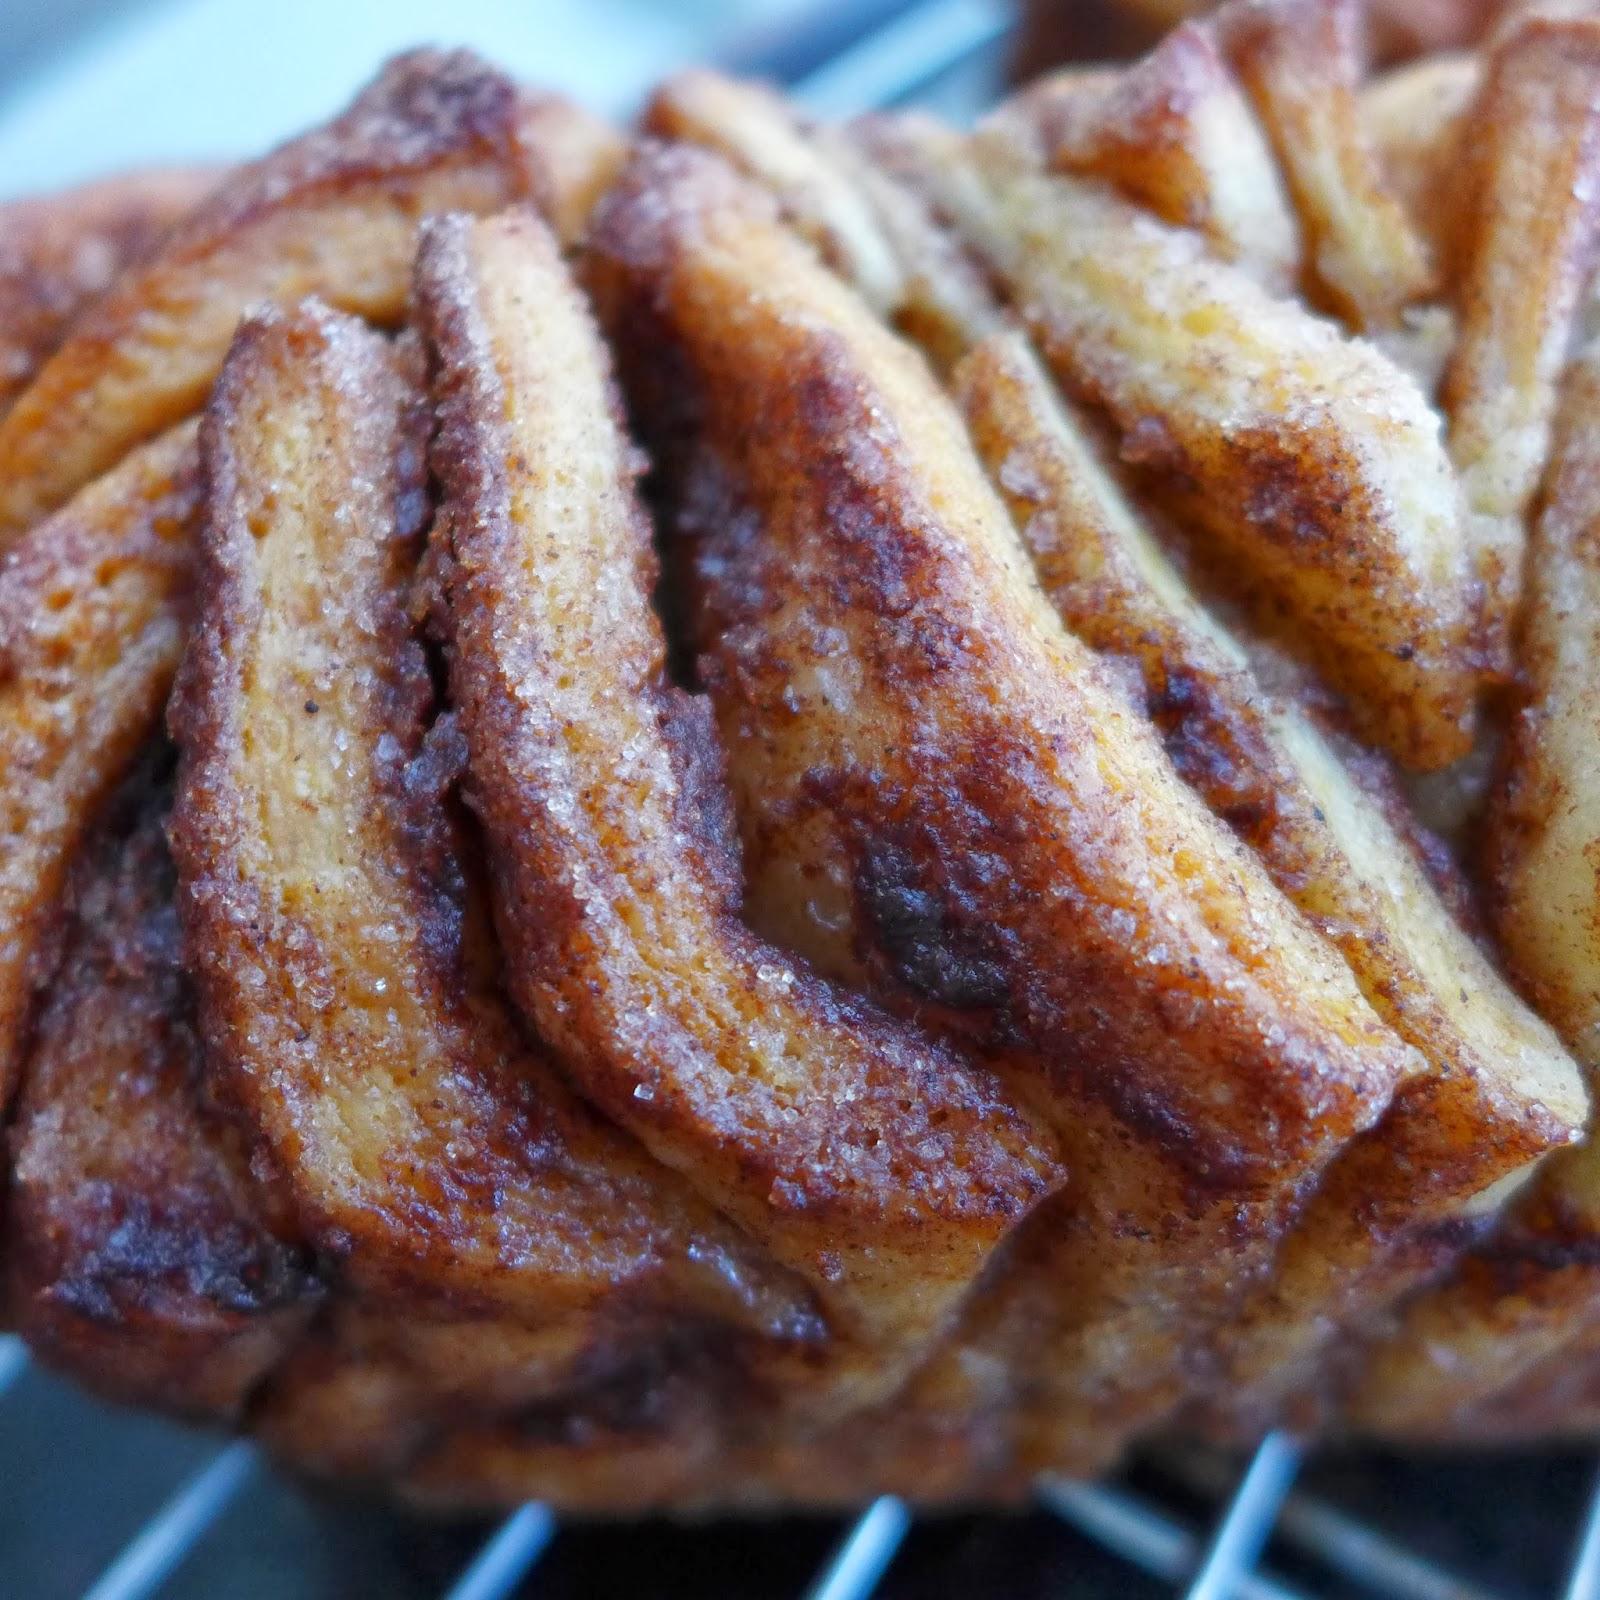 Dough And Batter: Vegan Cinnamon Pull-apart Bread